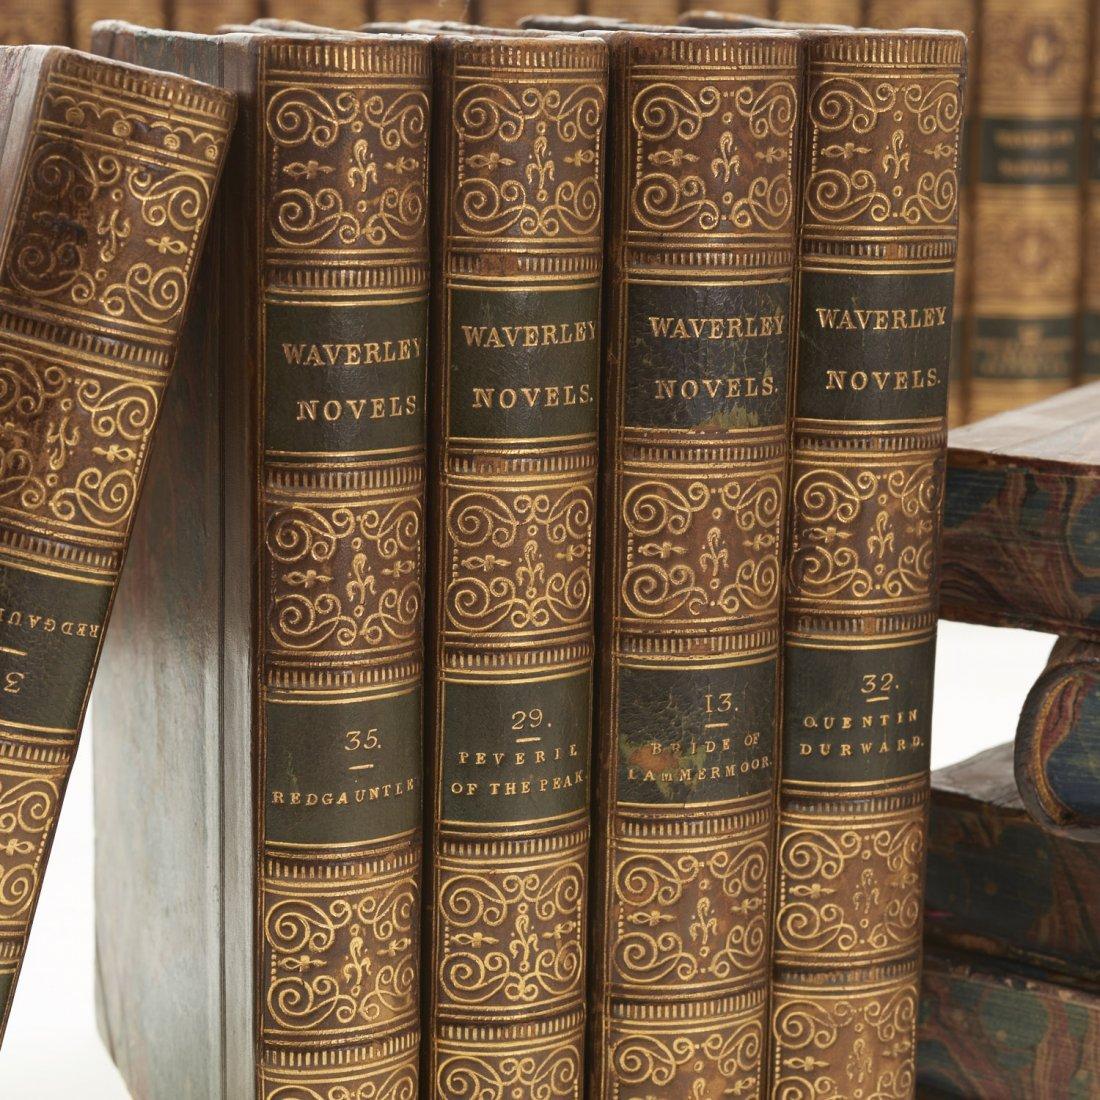 Books: Scott, Sir Walter. Waverly Novels. - 2